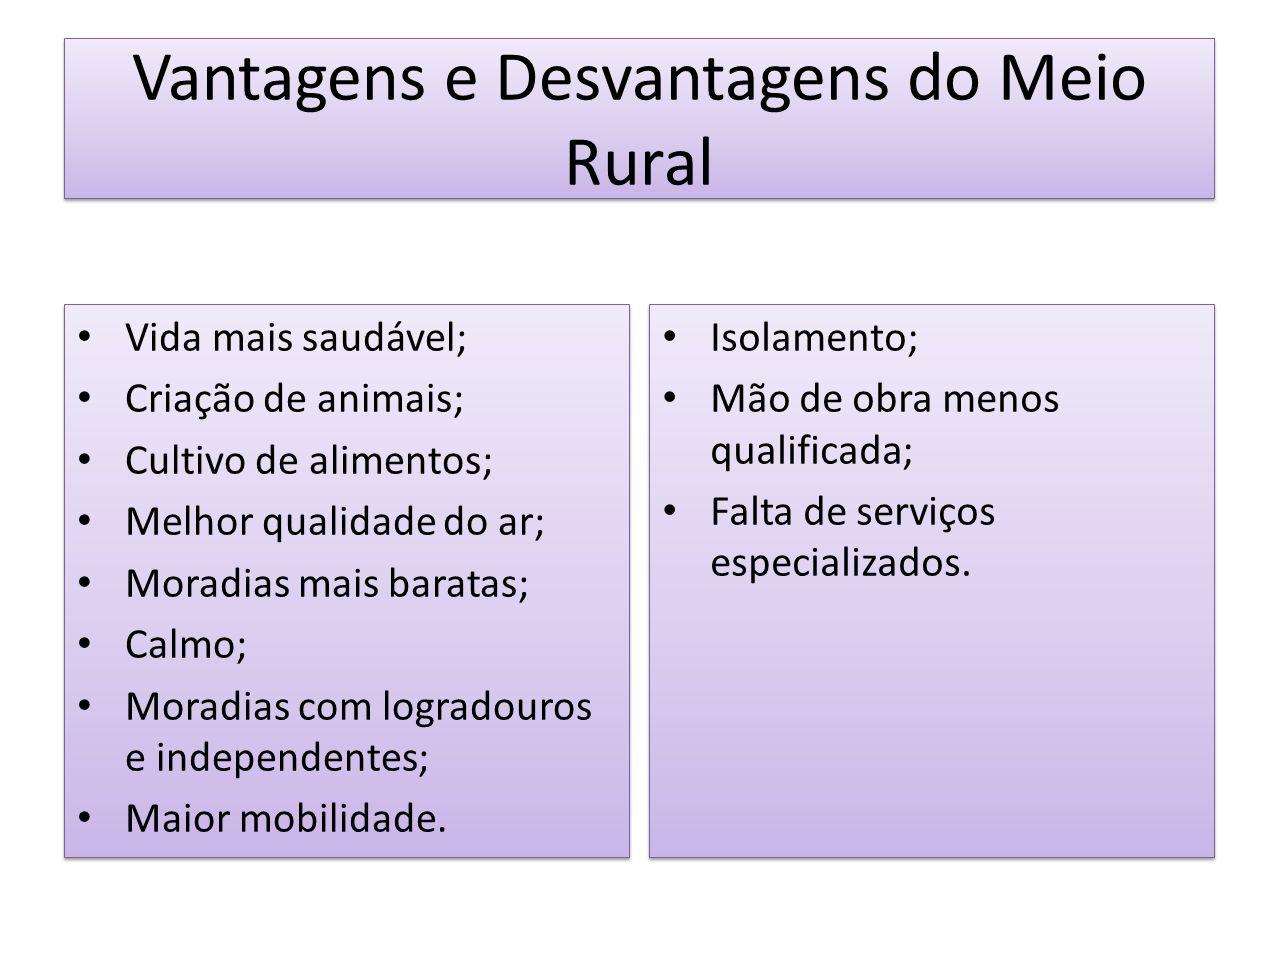 Vantagens e Desvantagens do Meio Rural